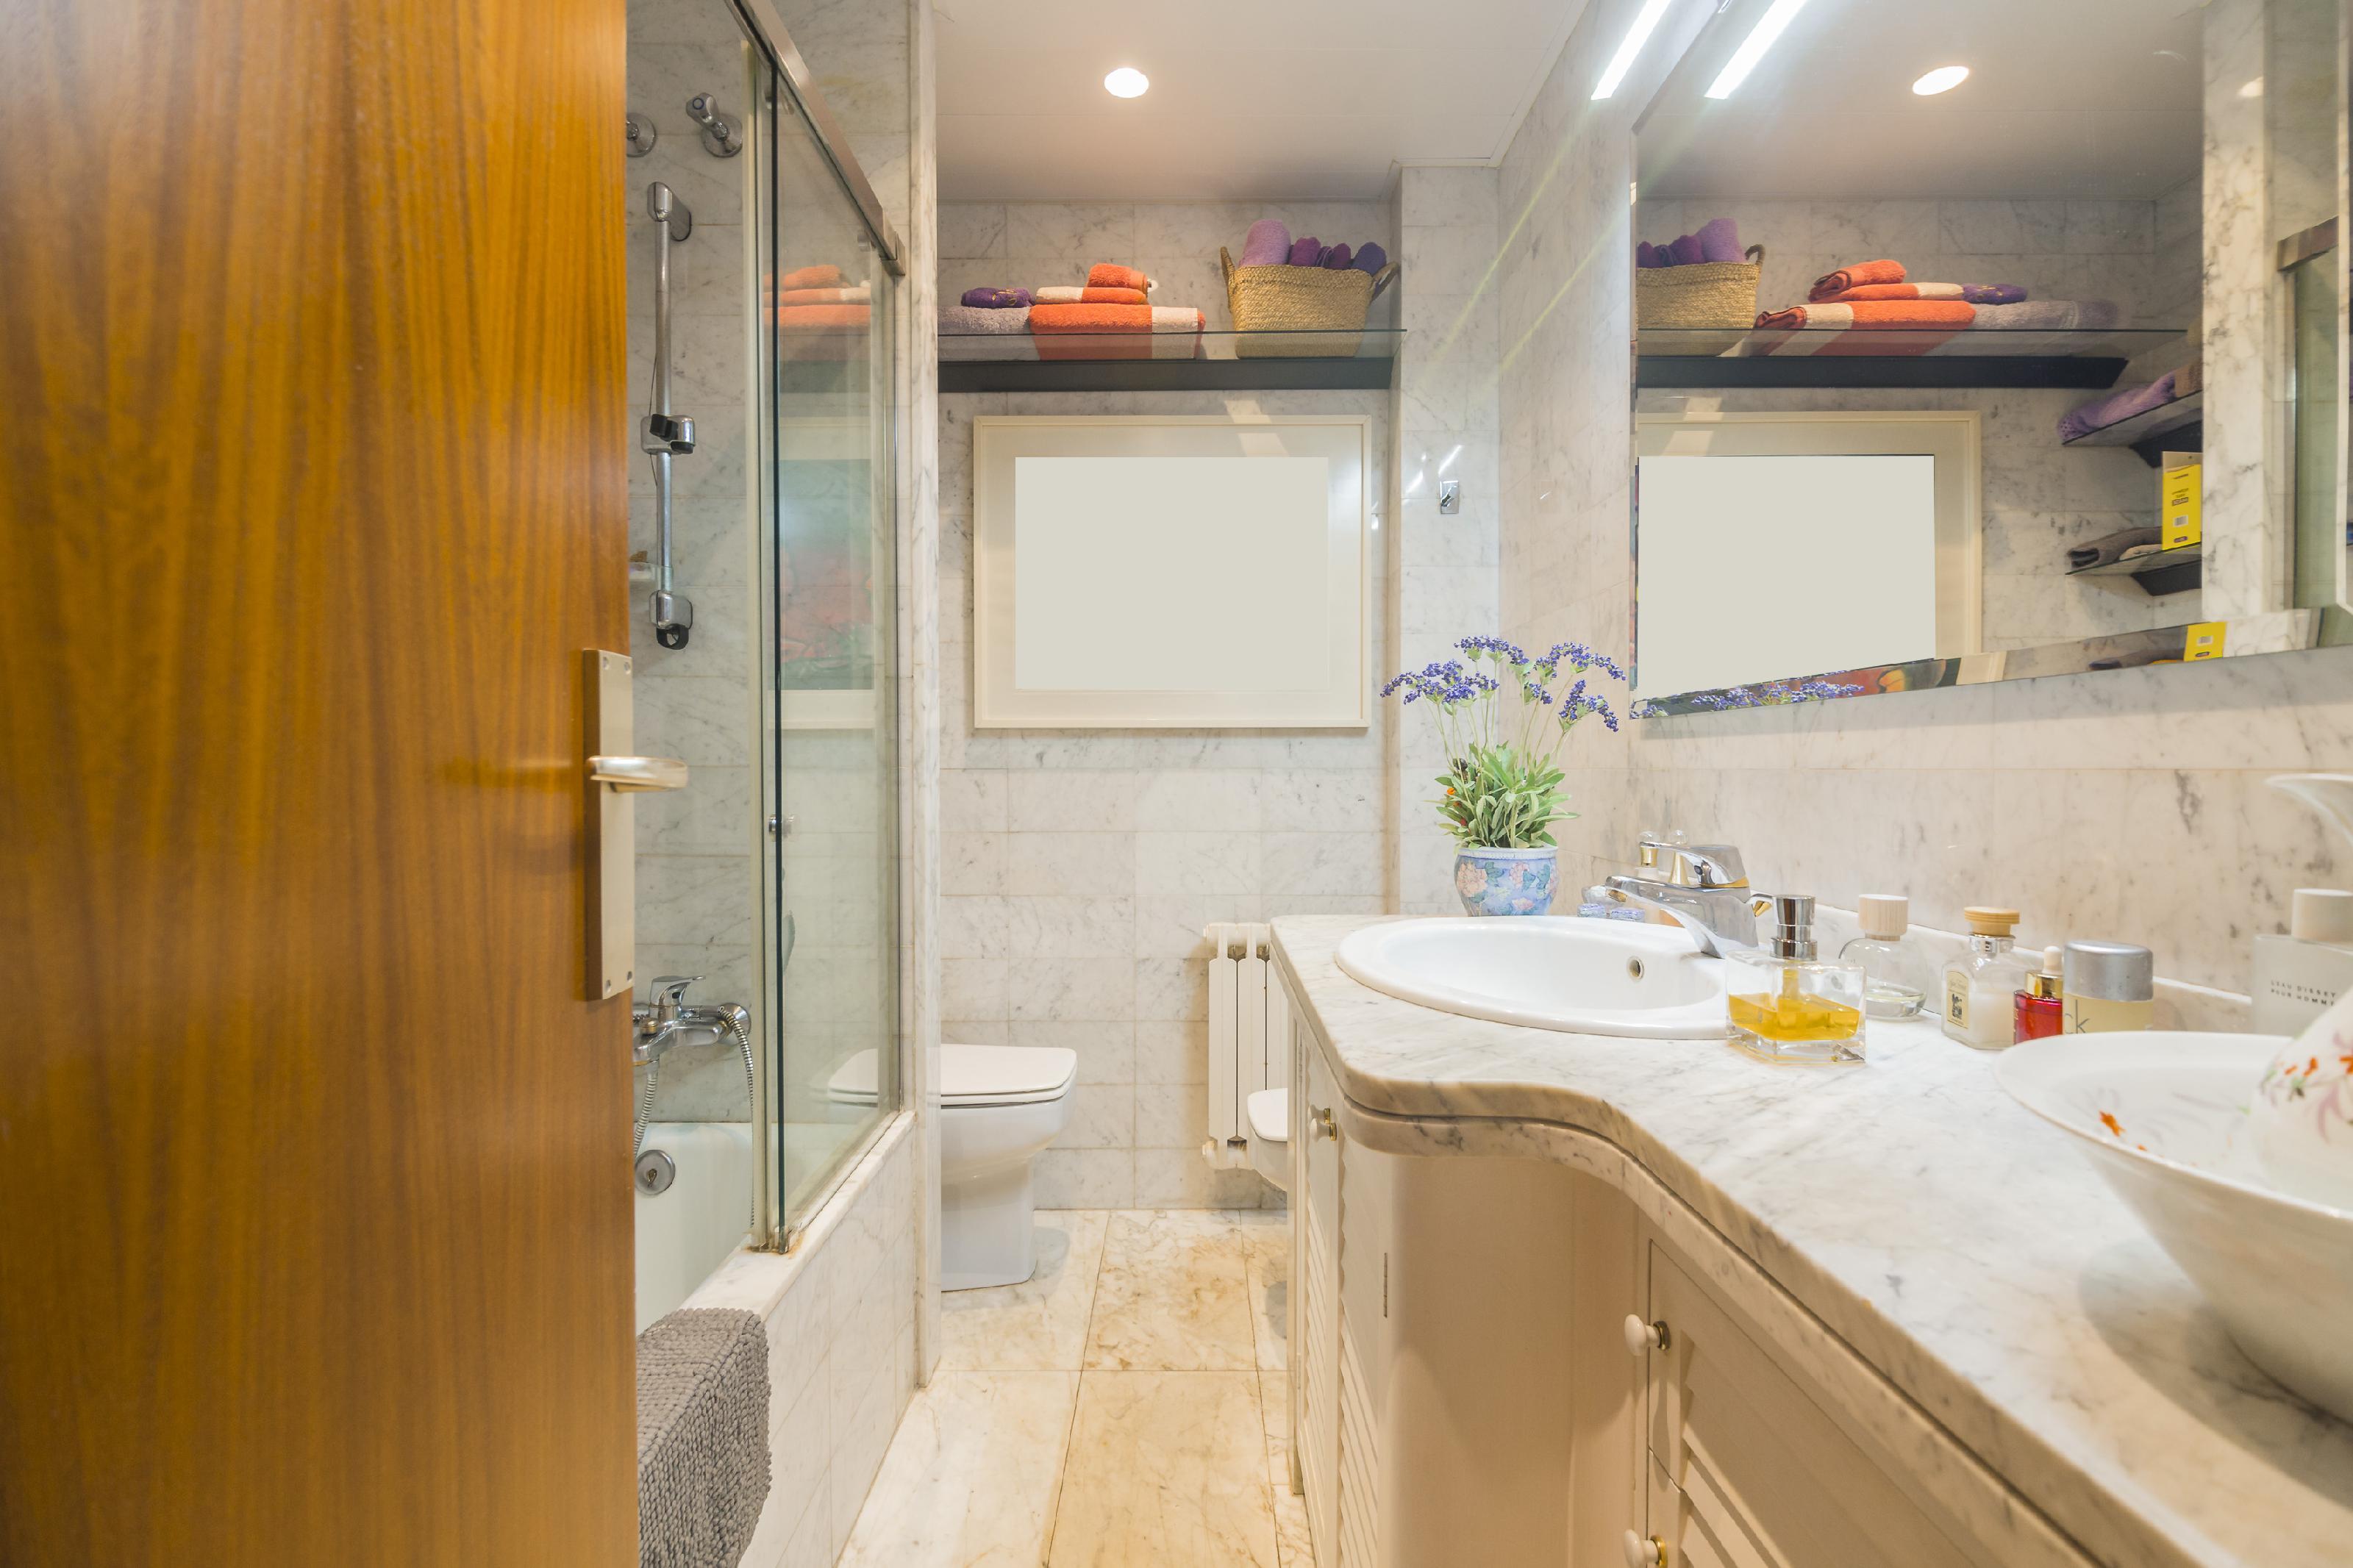 246837 Flat for sale in Sarrià-Sant Gervasi, Sarrià 22